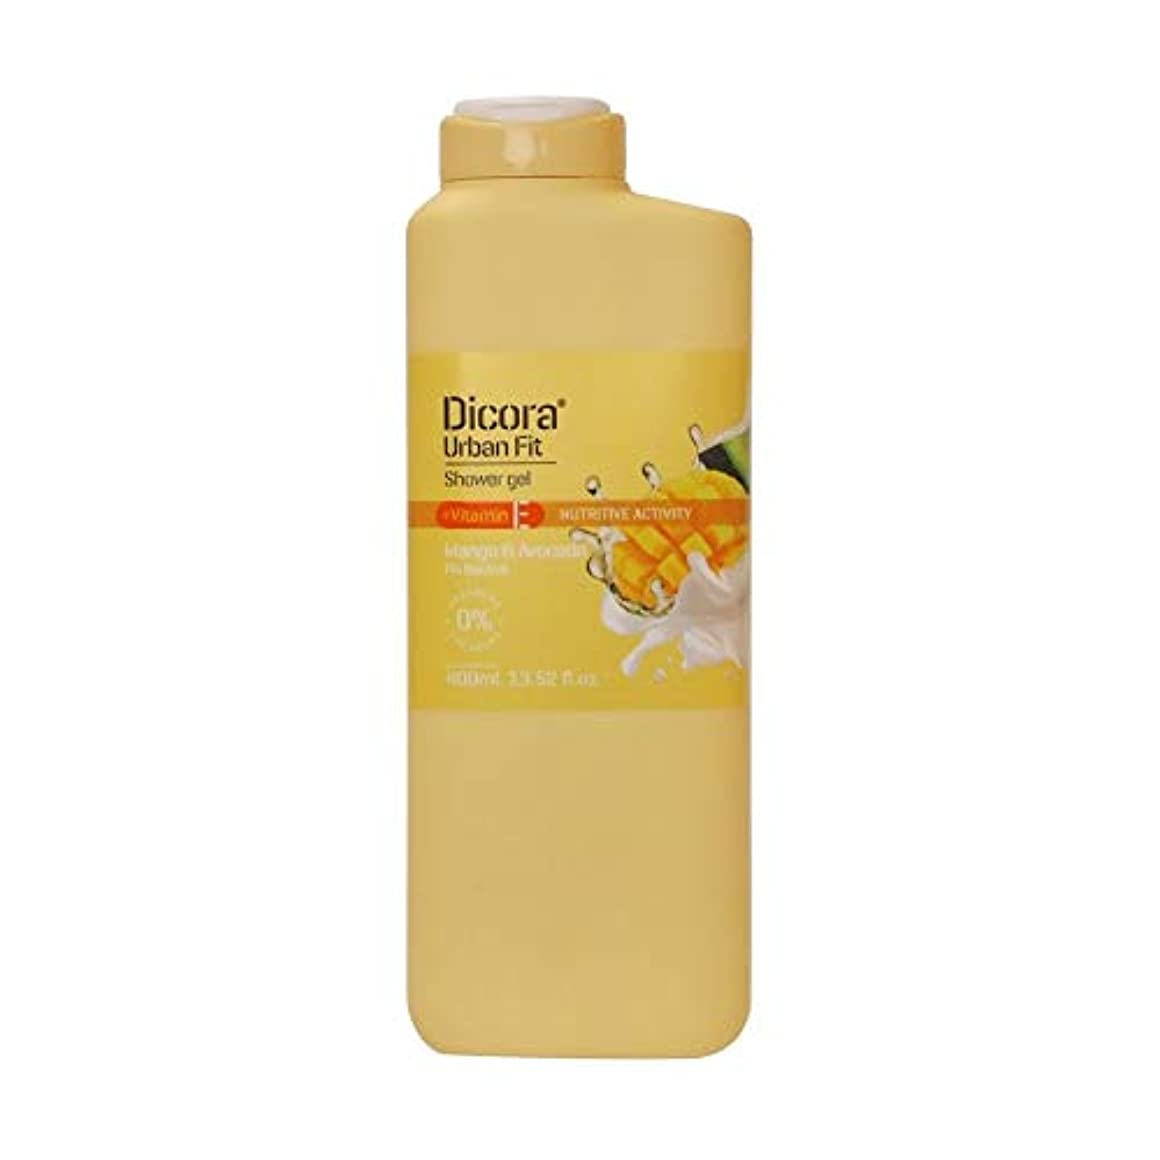 文法腹痛クリームDicora(ディコラ) ディコラ アーバンフィット シャワージェル MK&ML 400ml ボディソープ マンゴー &アボカドの香り